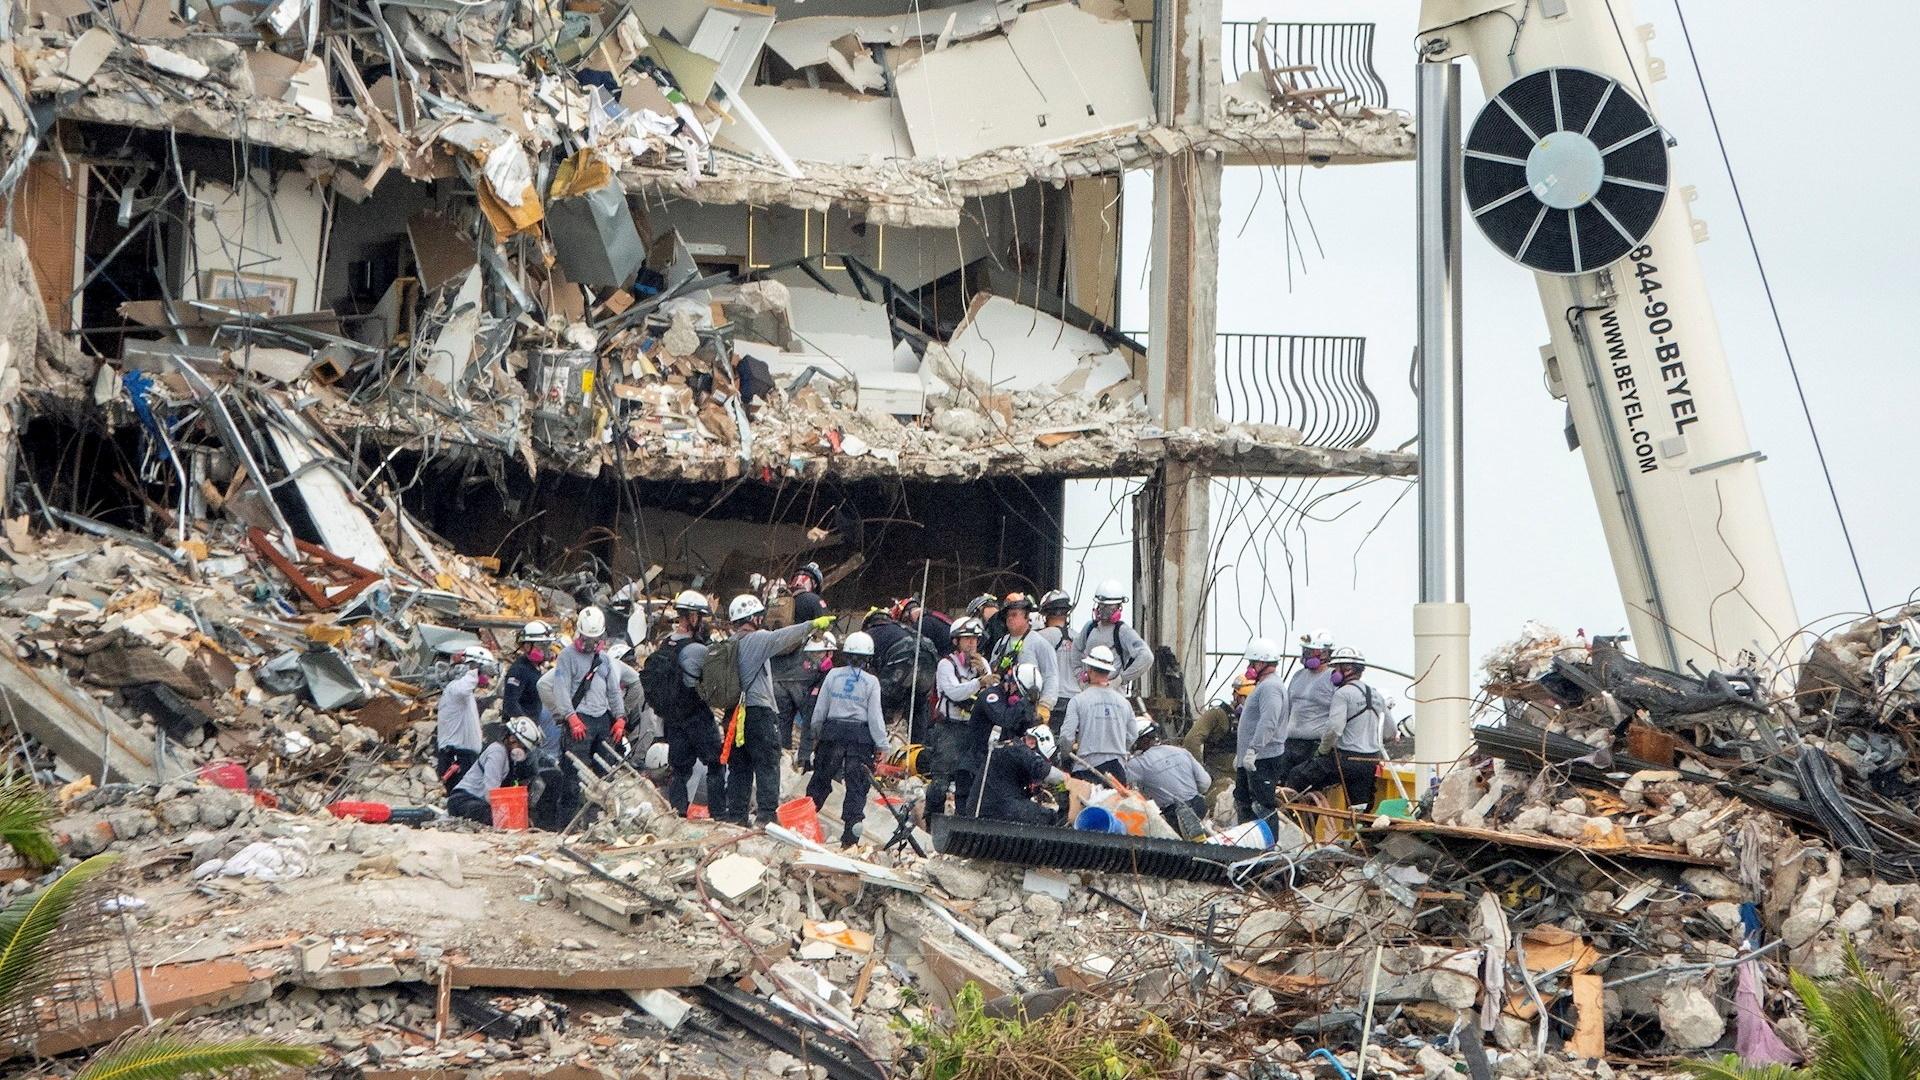 Miami edificio derrumbe cuerpos rescate